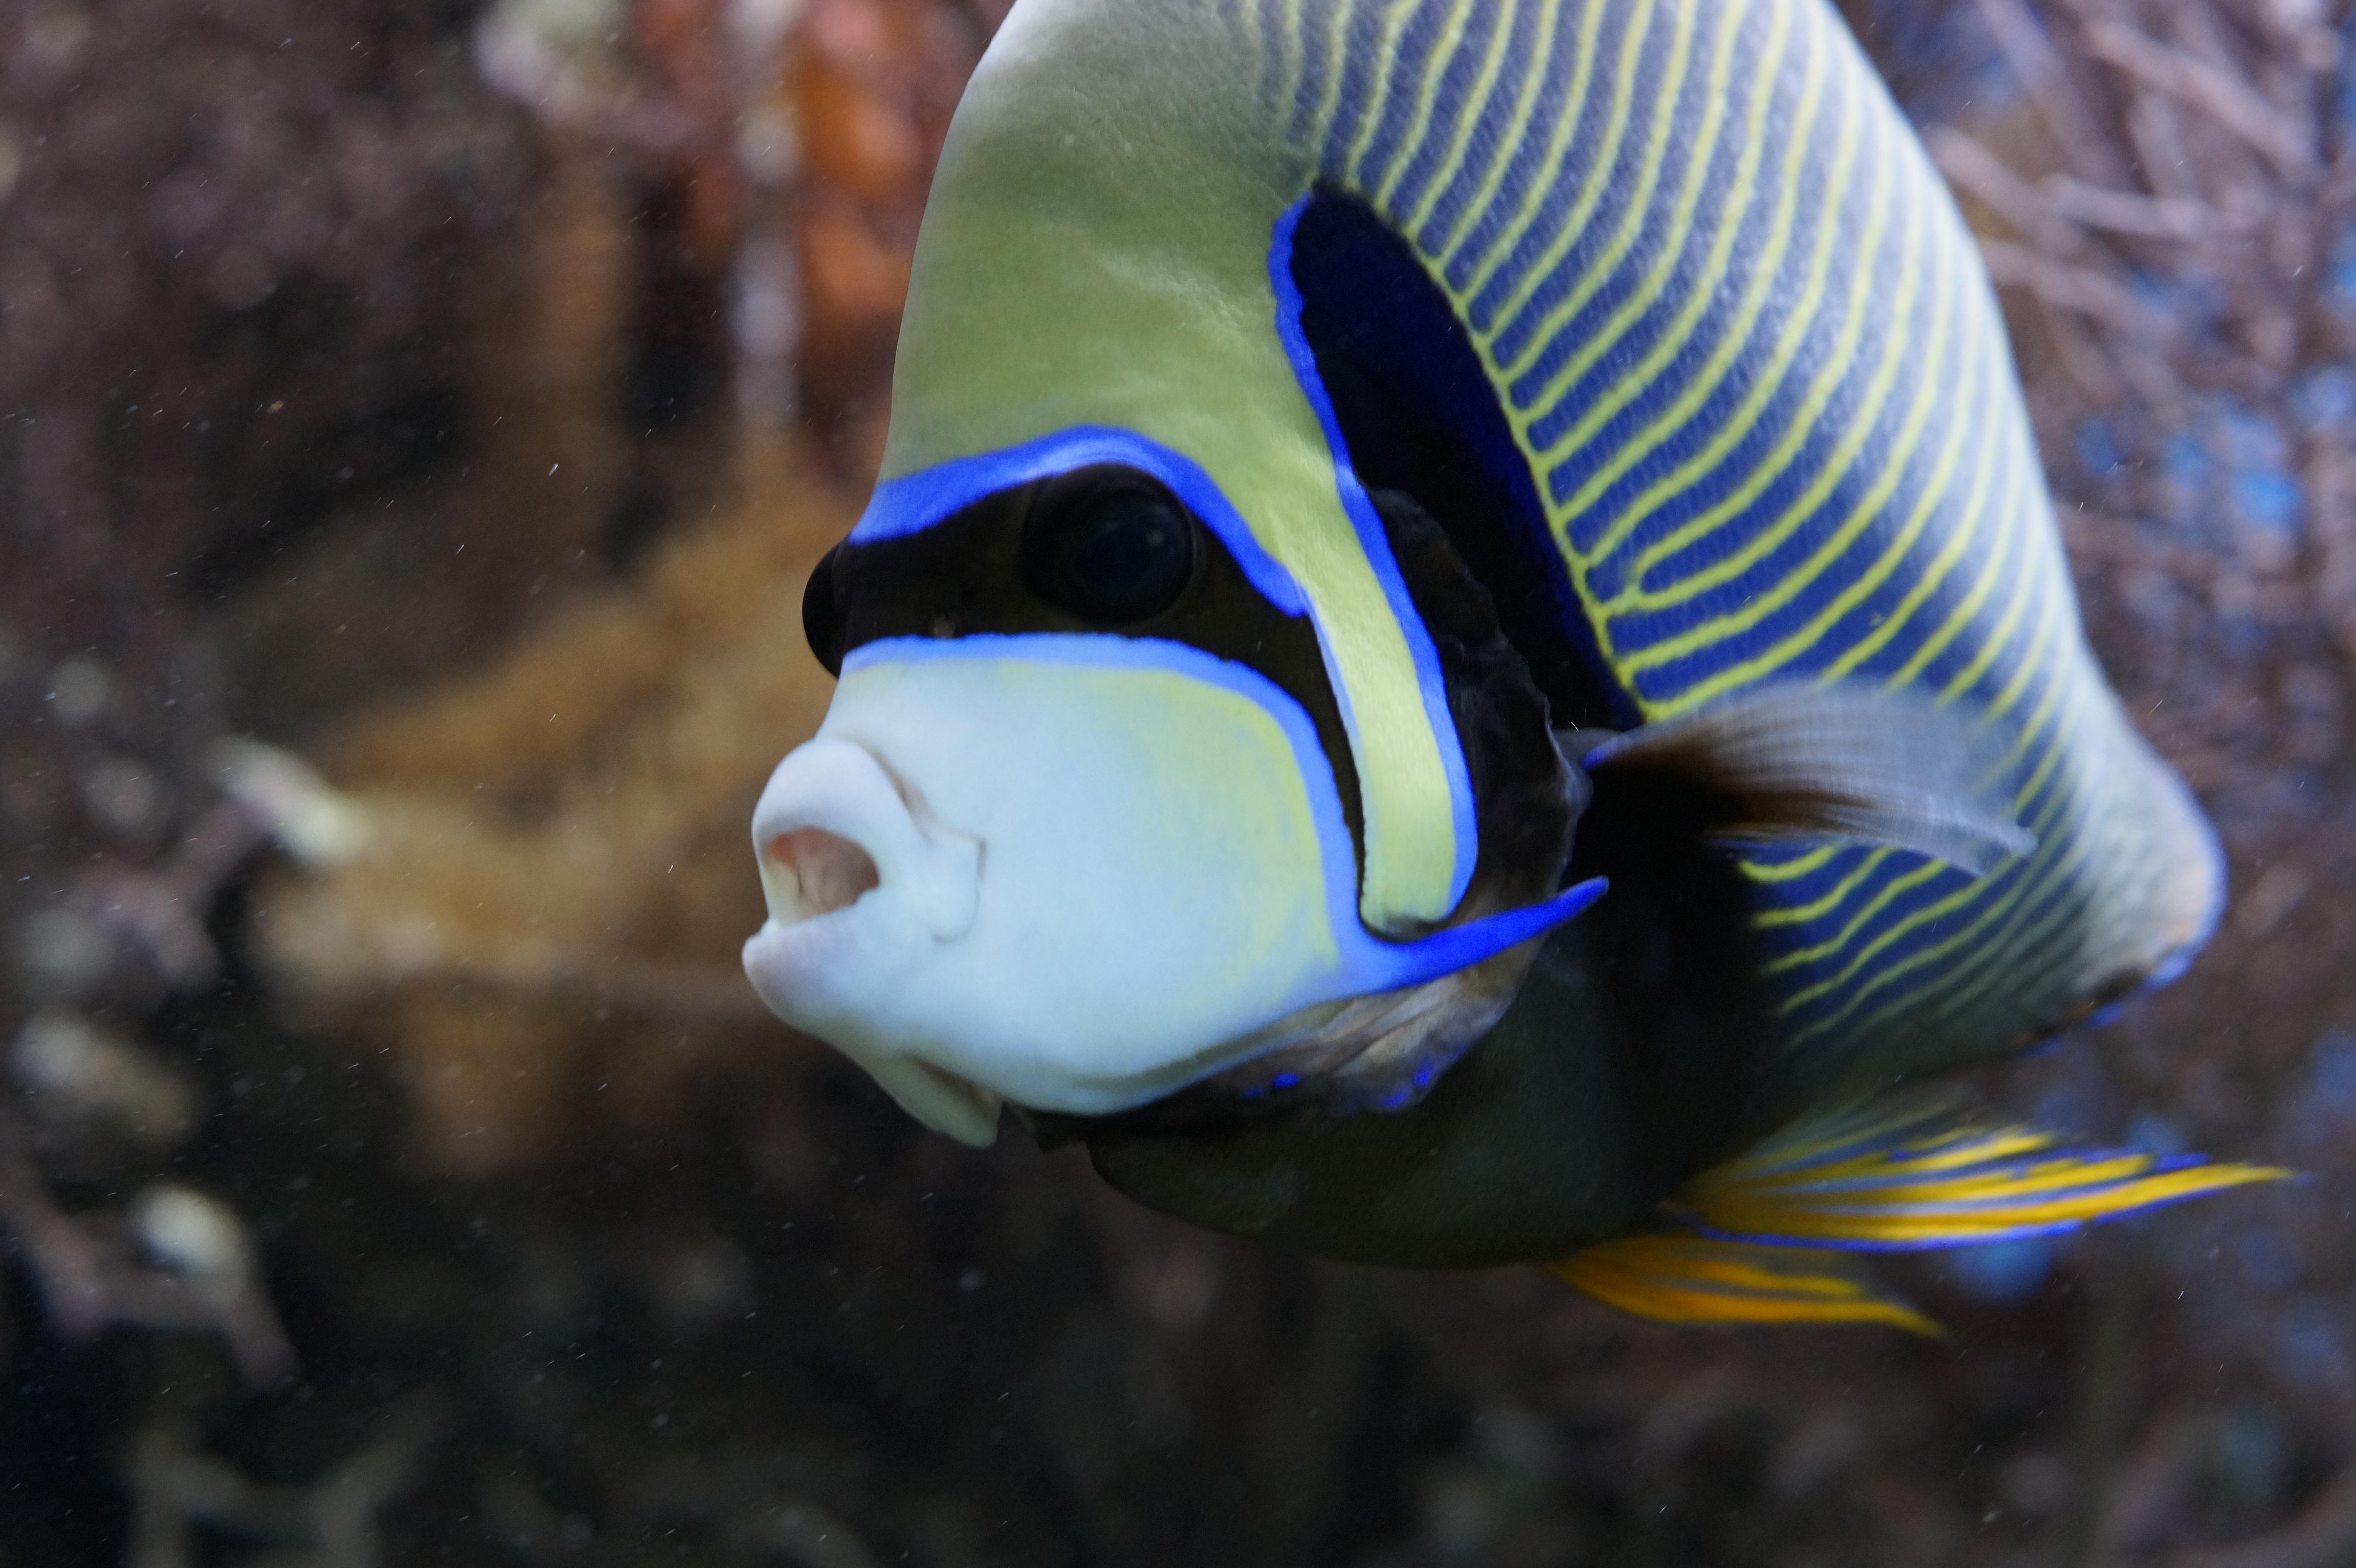 Fotos gratis  mar Oceano nadar patrn color biologa azul